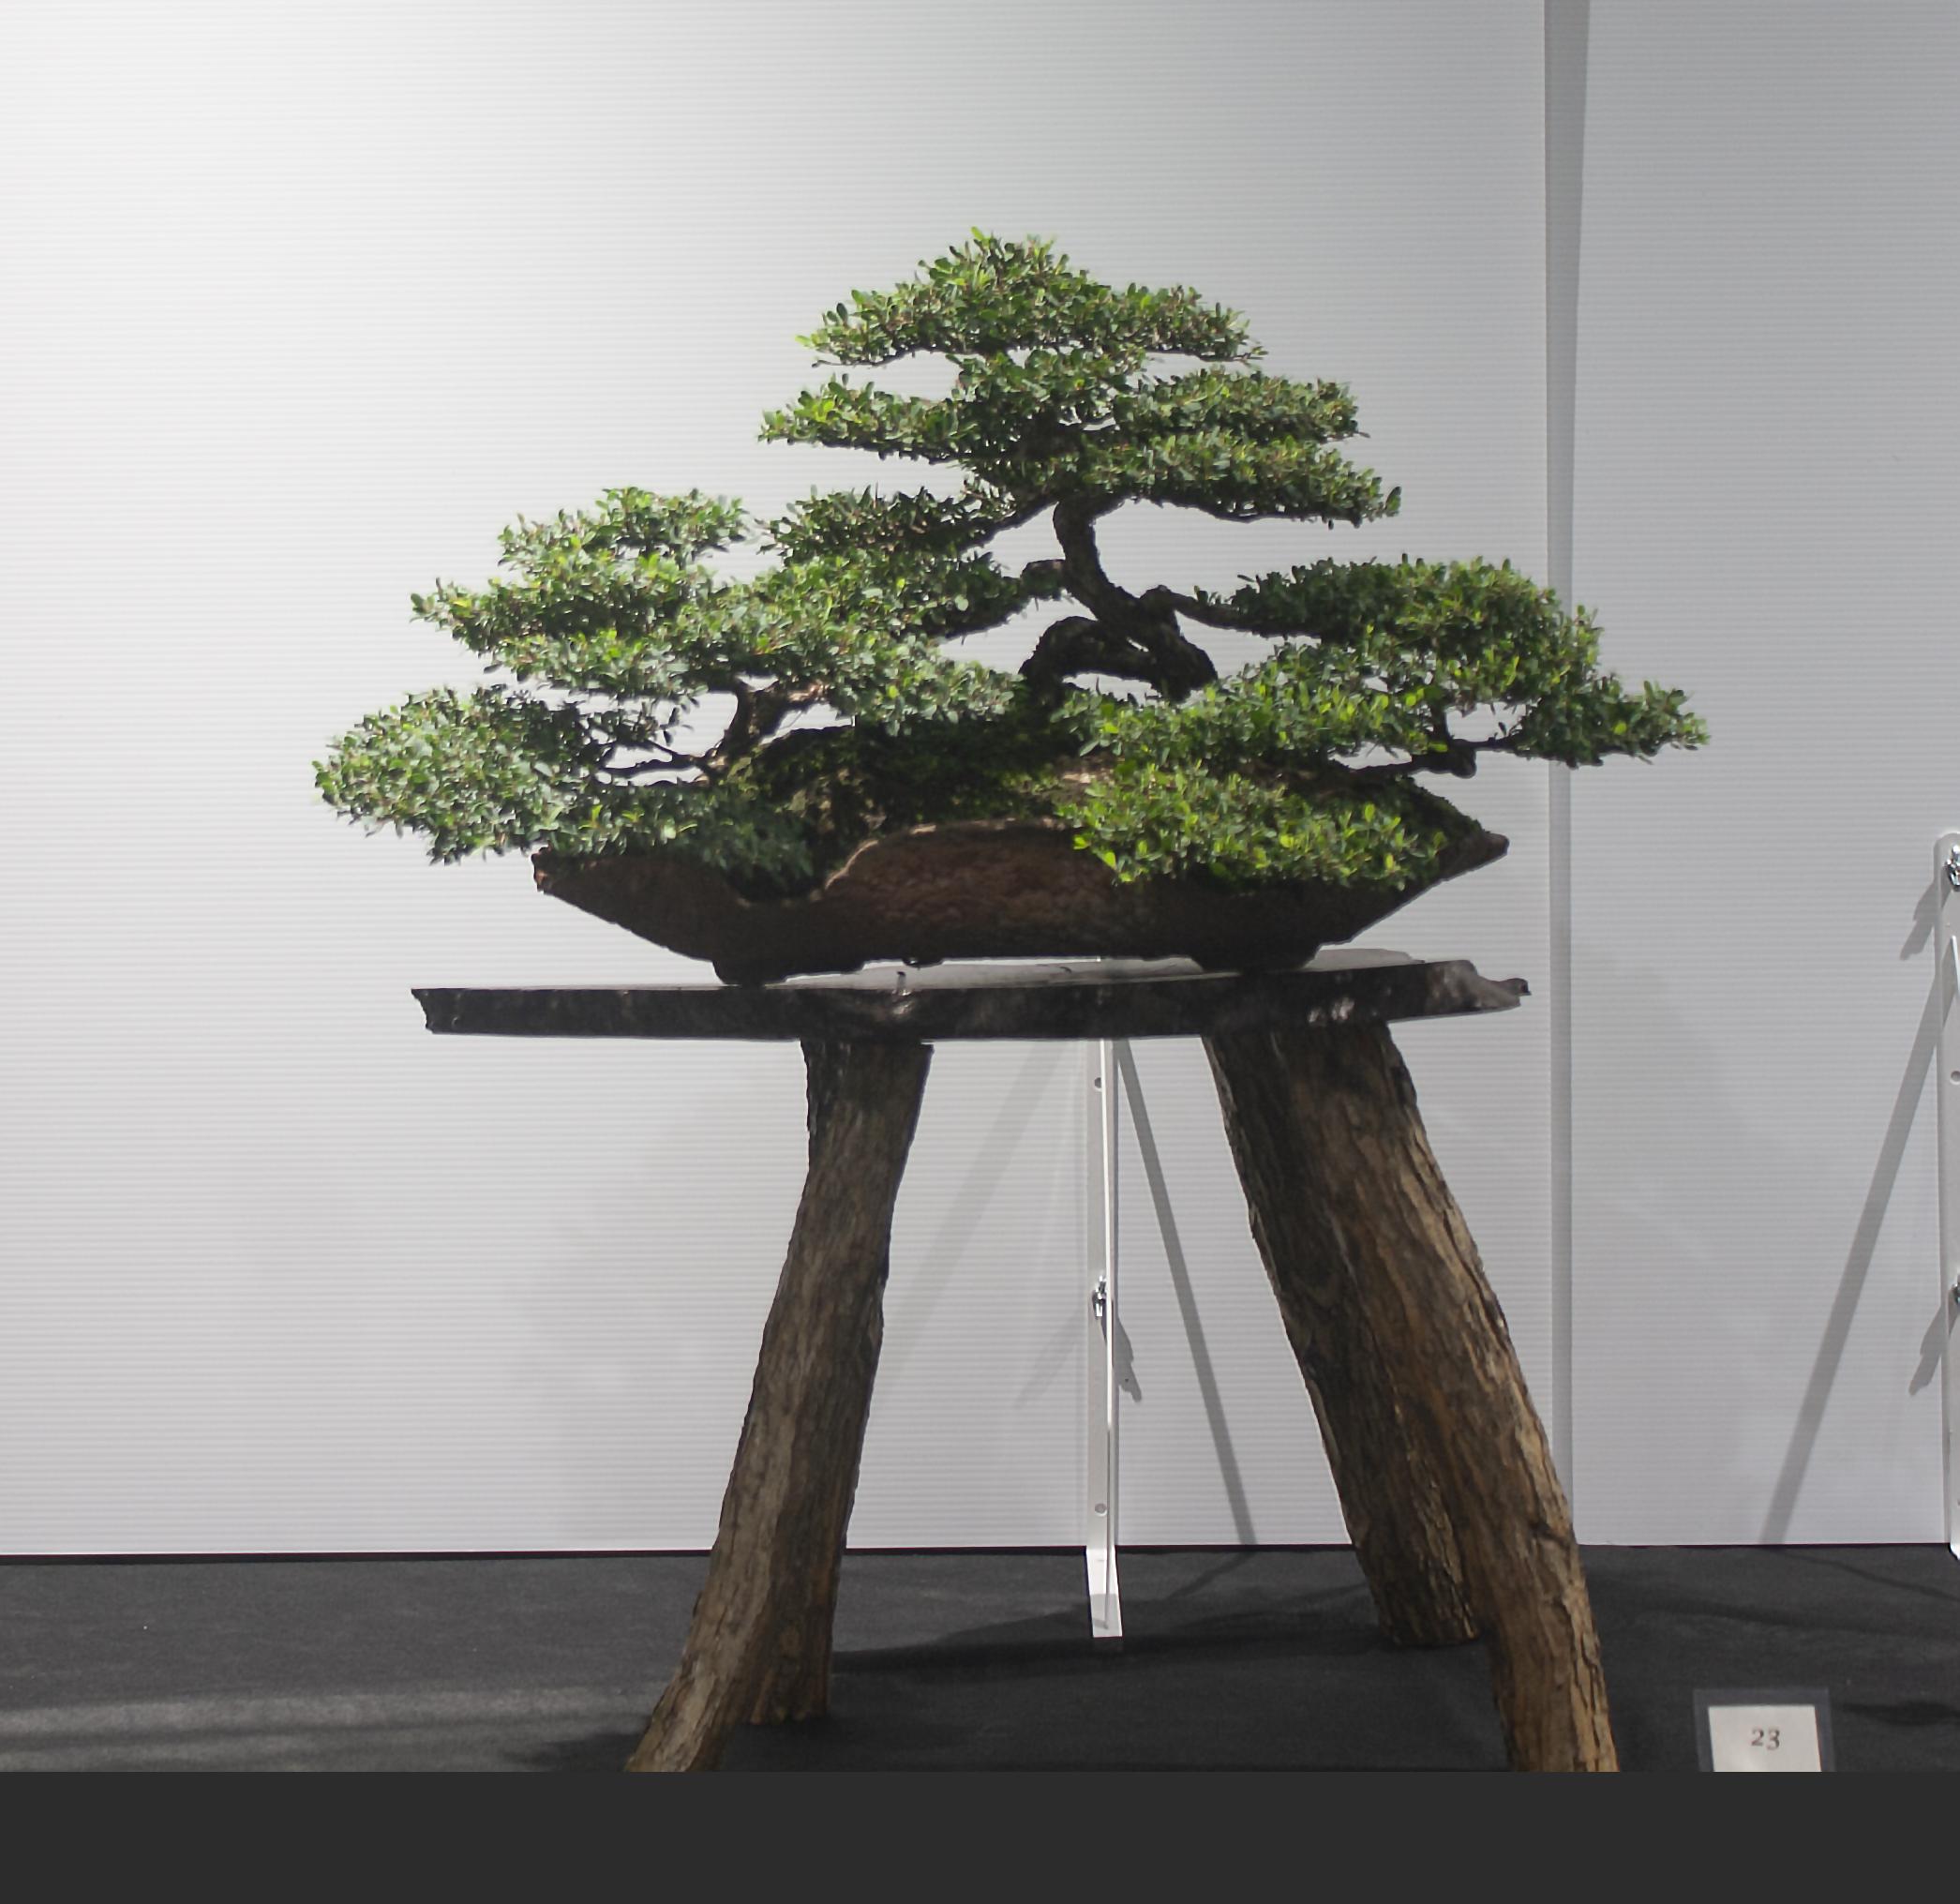 23 Leptospermum laevigatum, Coastal tea tree